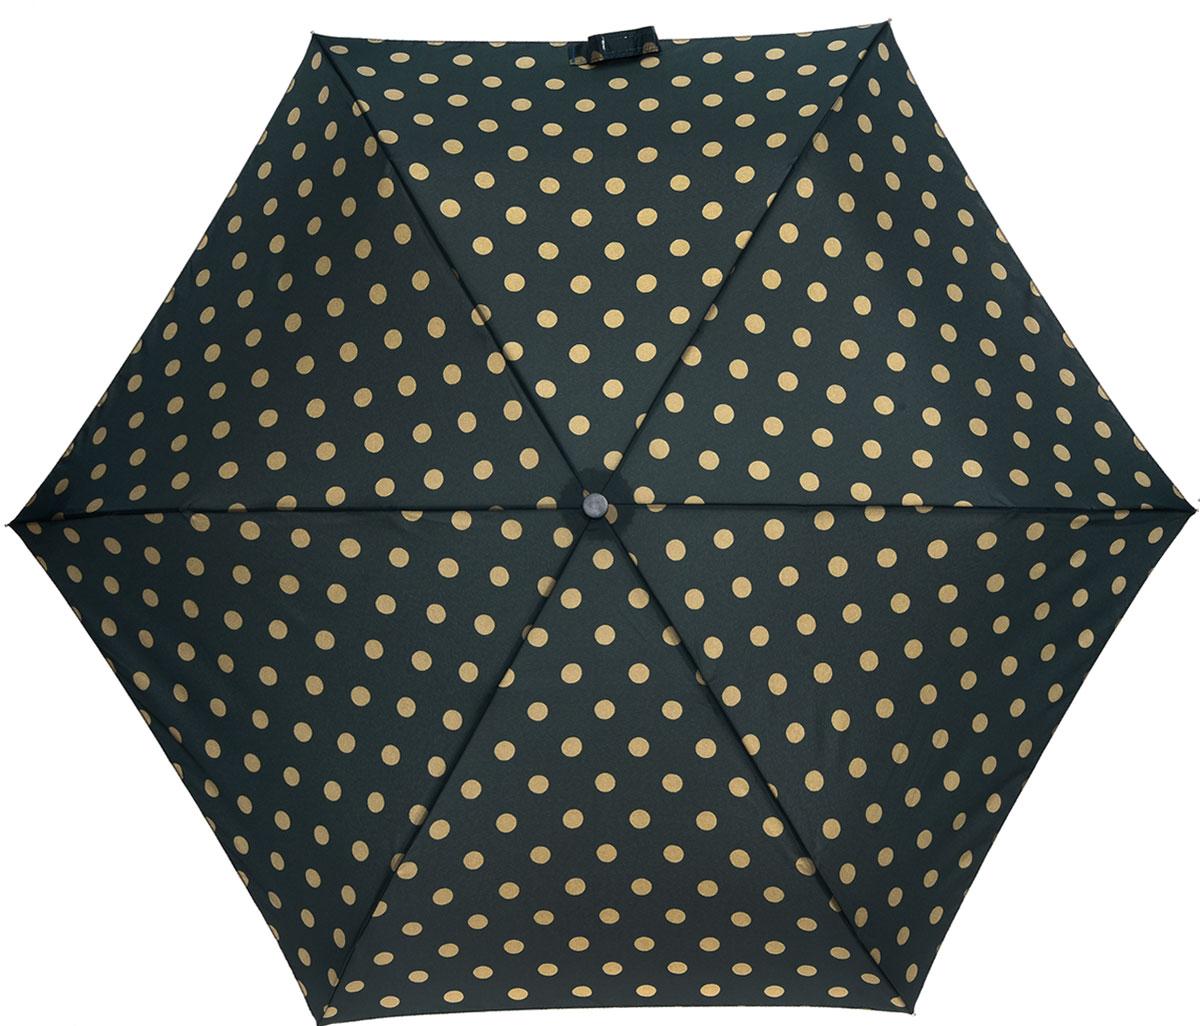 Зонт женский Cath Kidston Minilite, механический, 3 сложения, цвет: темно-зеленый, бежевый. L768-2850L768-2850 ButtonSpotForestСтильный механический зонт Cath Kidston Minilite в 3 сложения даже в ненастную погоду позволит вам оставаться элегантной. Облегченный каркас зонта выполнен из 8 спиц из фибергласса и алюминия, стержень также изготовлен из алюминия, удобная рукоятка - из пластика. Купол зонта выполнен из прочного полиэстера. В закрытом виде застегивается хлястиком на липучке. Яркий оригинальный принт в горох поднимет настроение в дождливый день. Зонт механического сложения: купол открывается и закрывается вручную до характерного щелчка. На рукоятке для удобства есть небольшой шнурок, позволяющий надеть зонт на руку тогда, когда это будет необходимо. К зонту прилагается чехол с небольшой нашивкой с названием бренда. Такой зонт компактно располагается в кармане, сумочке, дверке автомобиля.